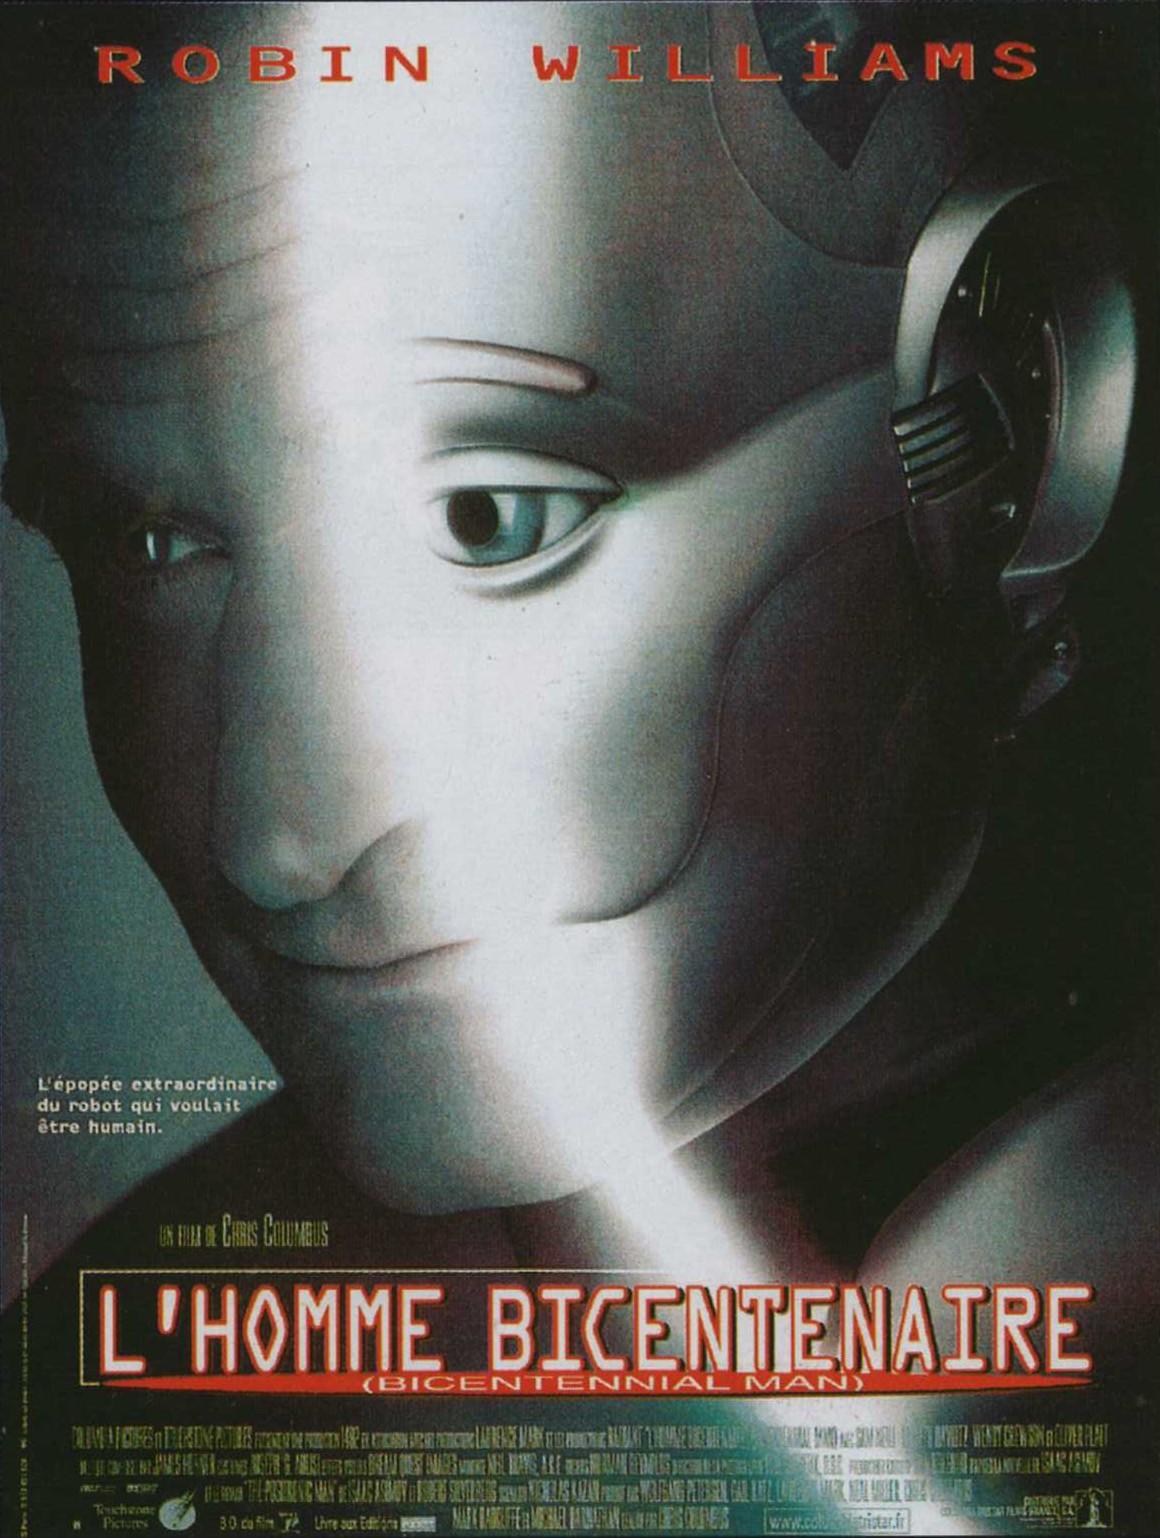 homme bicentenaire Disney touchstone affiche poster